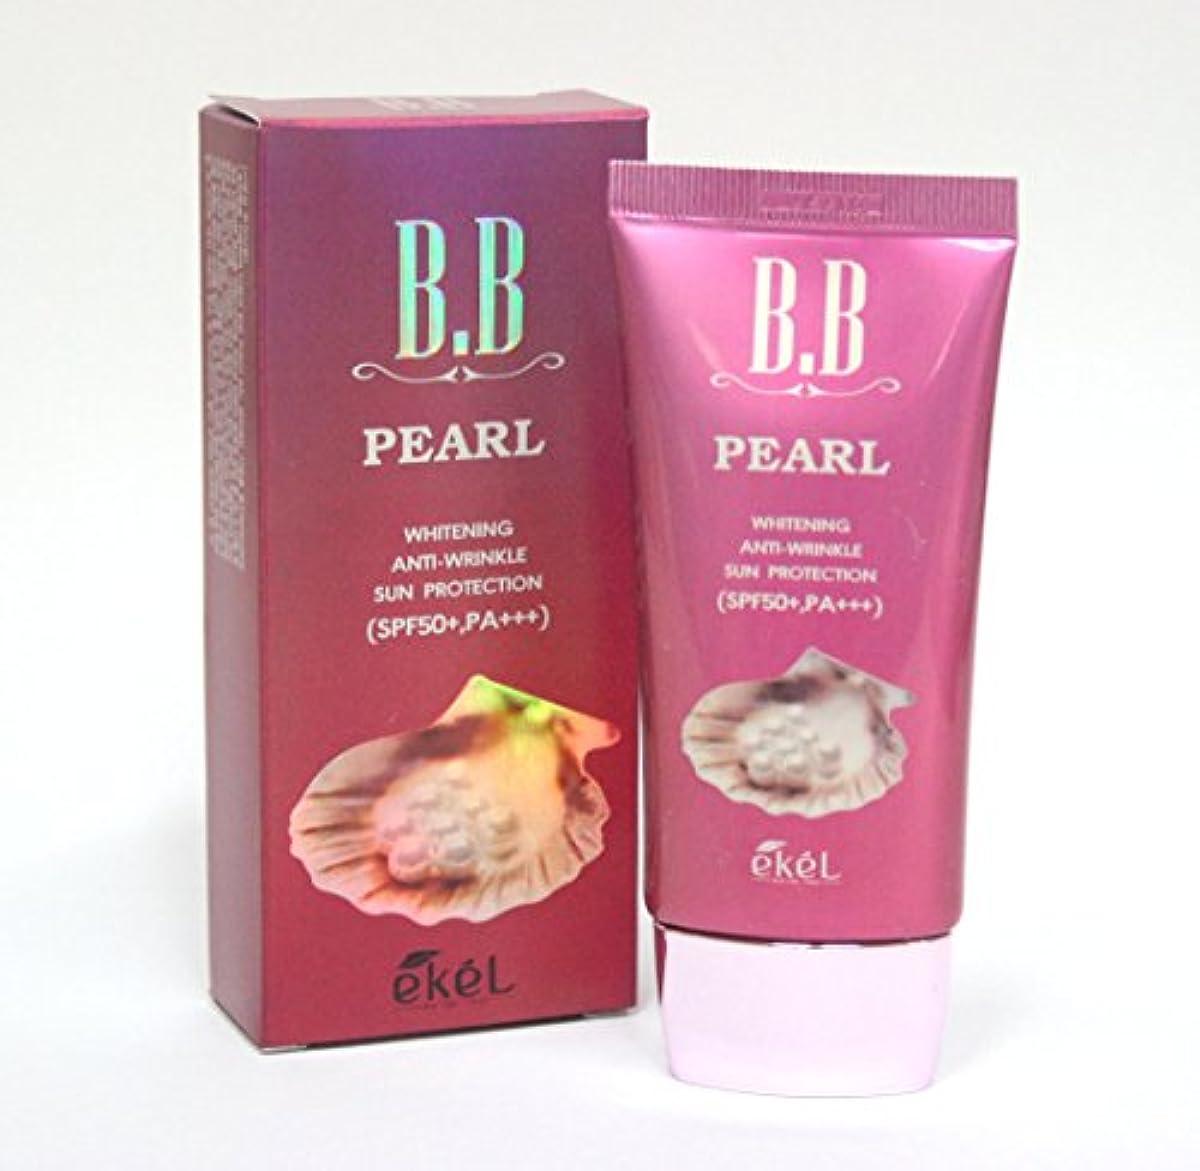 疲れた運営浸した[Ekel] パールBBクリーム50ml / Pearl BB Cream 50ml / ホワイトニング、アンチリンクル、日焼け防止SPF50 + PA +++ / Whitening, Anti-wrinkle, Sun...